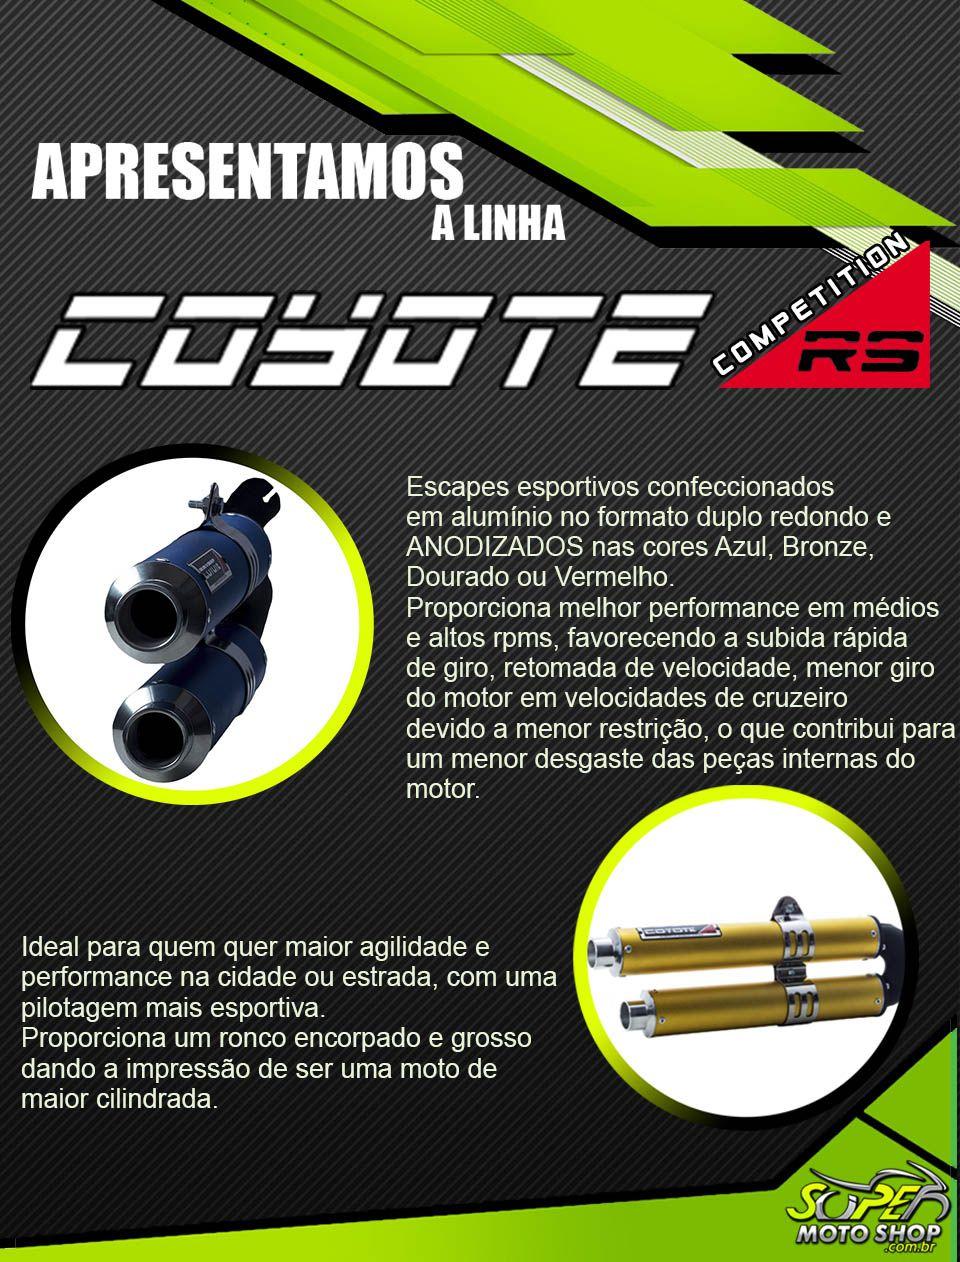 Escape / Ponteira Coyote Competition Duplo em Alumínio Colorido (Anodizado) - Falcon NX 400 ano 2006 até 2015 - Honda